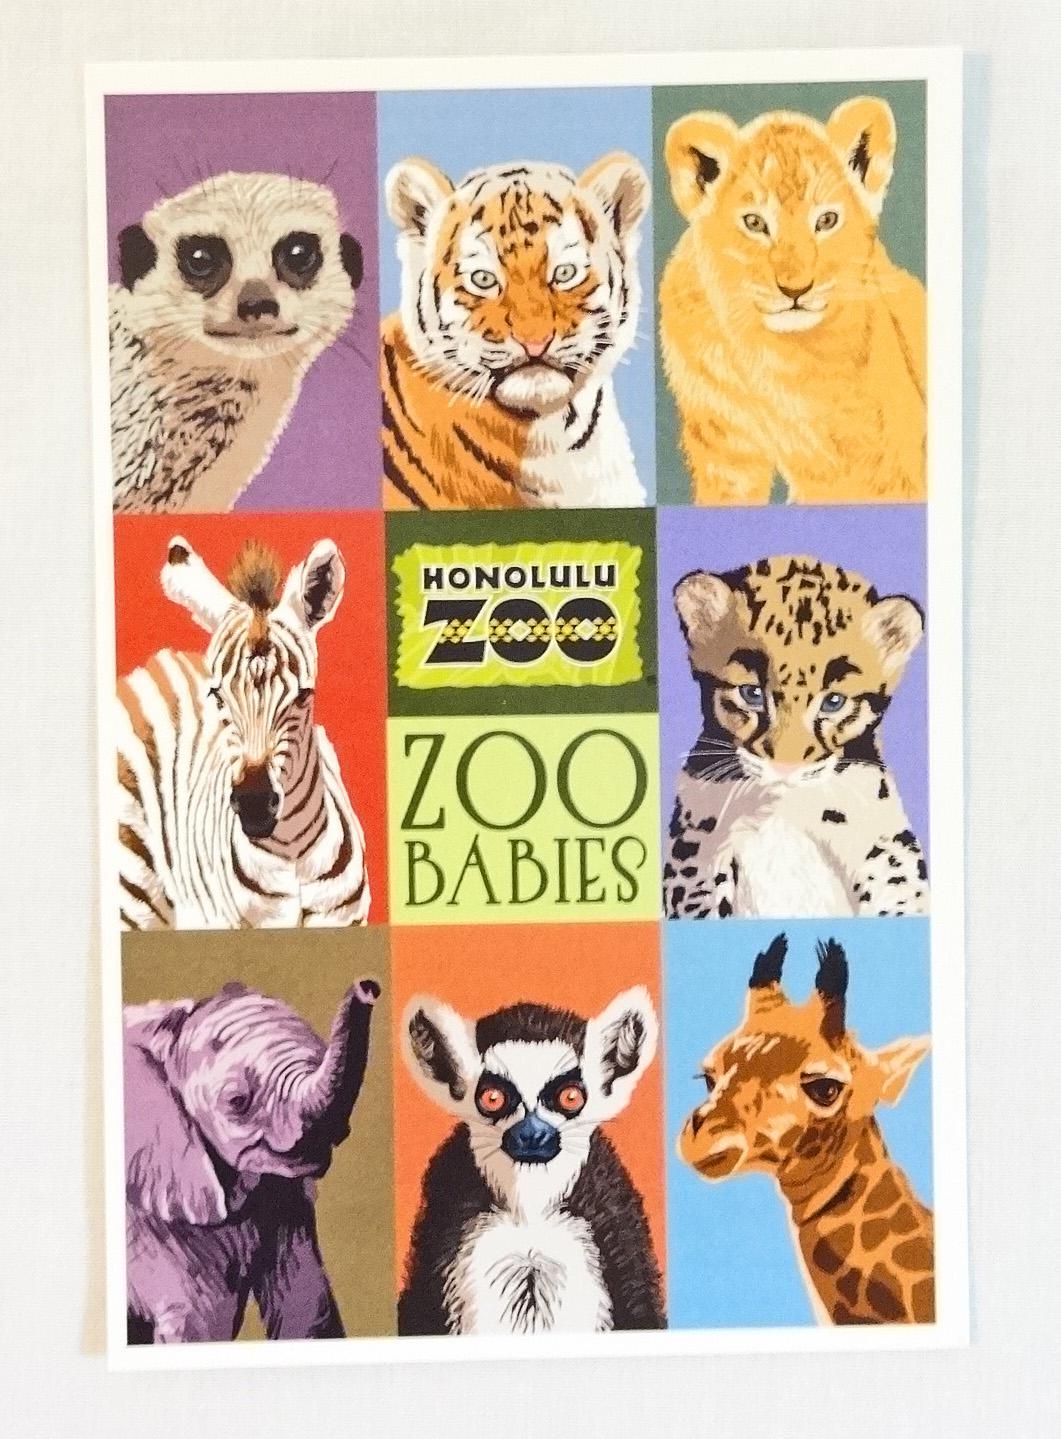 【ホノルルZOO限定】ハワイアン・ポストカード/Zoo Babies